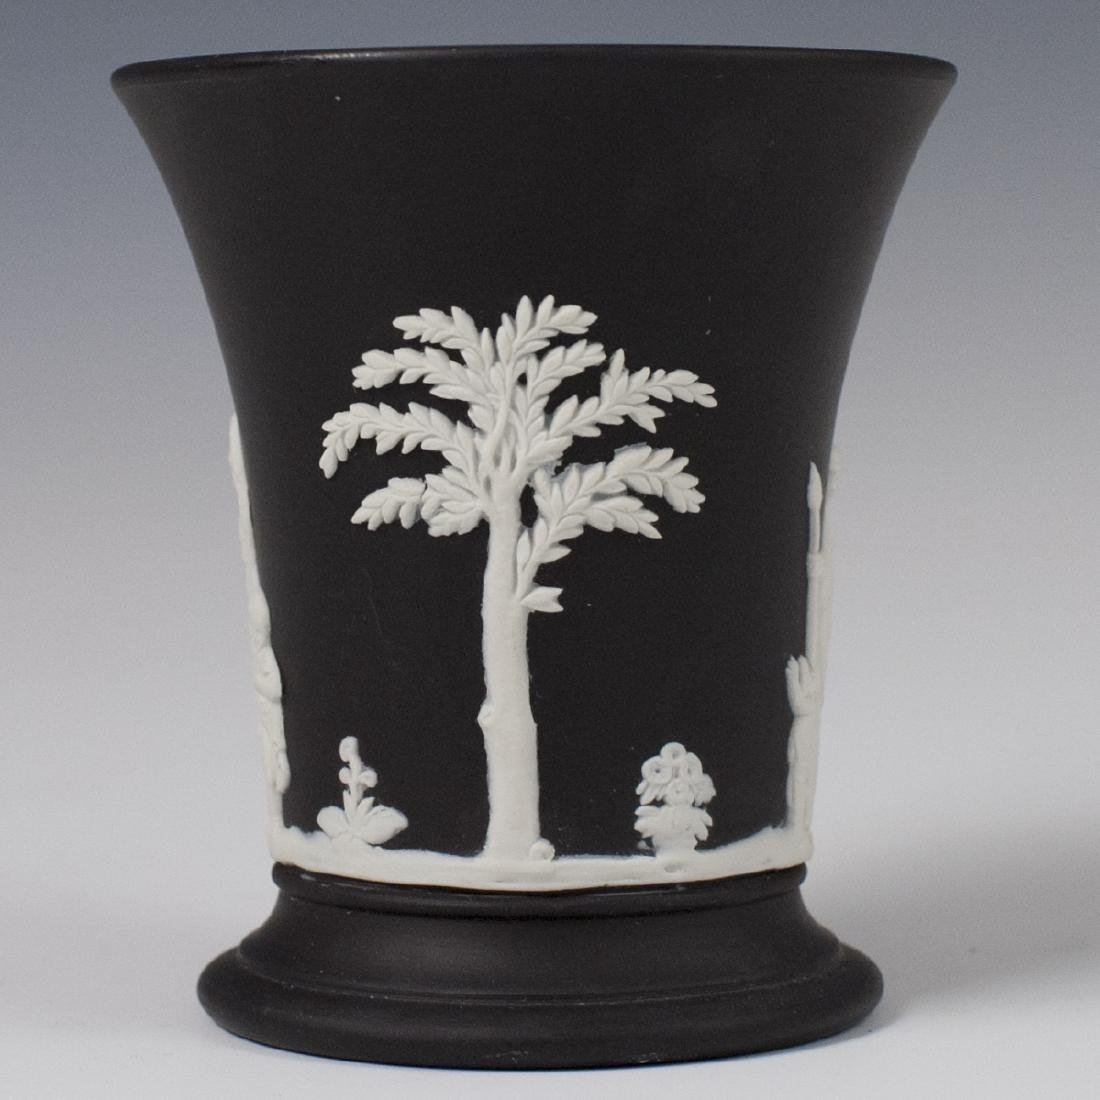 Wedgwood Black Jasperware Pencil Cup